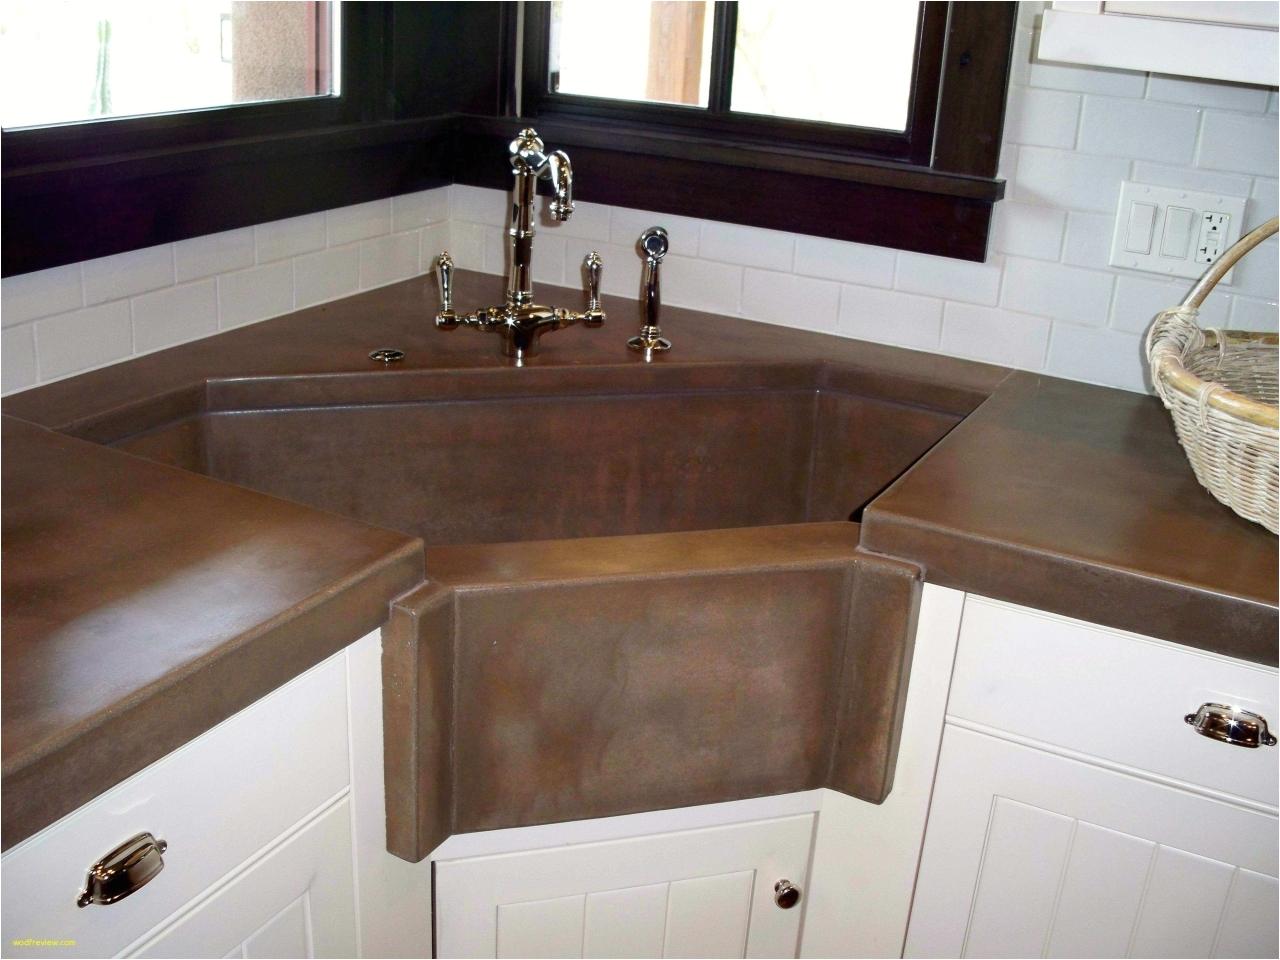 Home Bathroom Design Ideas New Home Design Free Best Small Home Design Ideas Luxury Bathroom